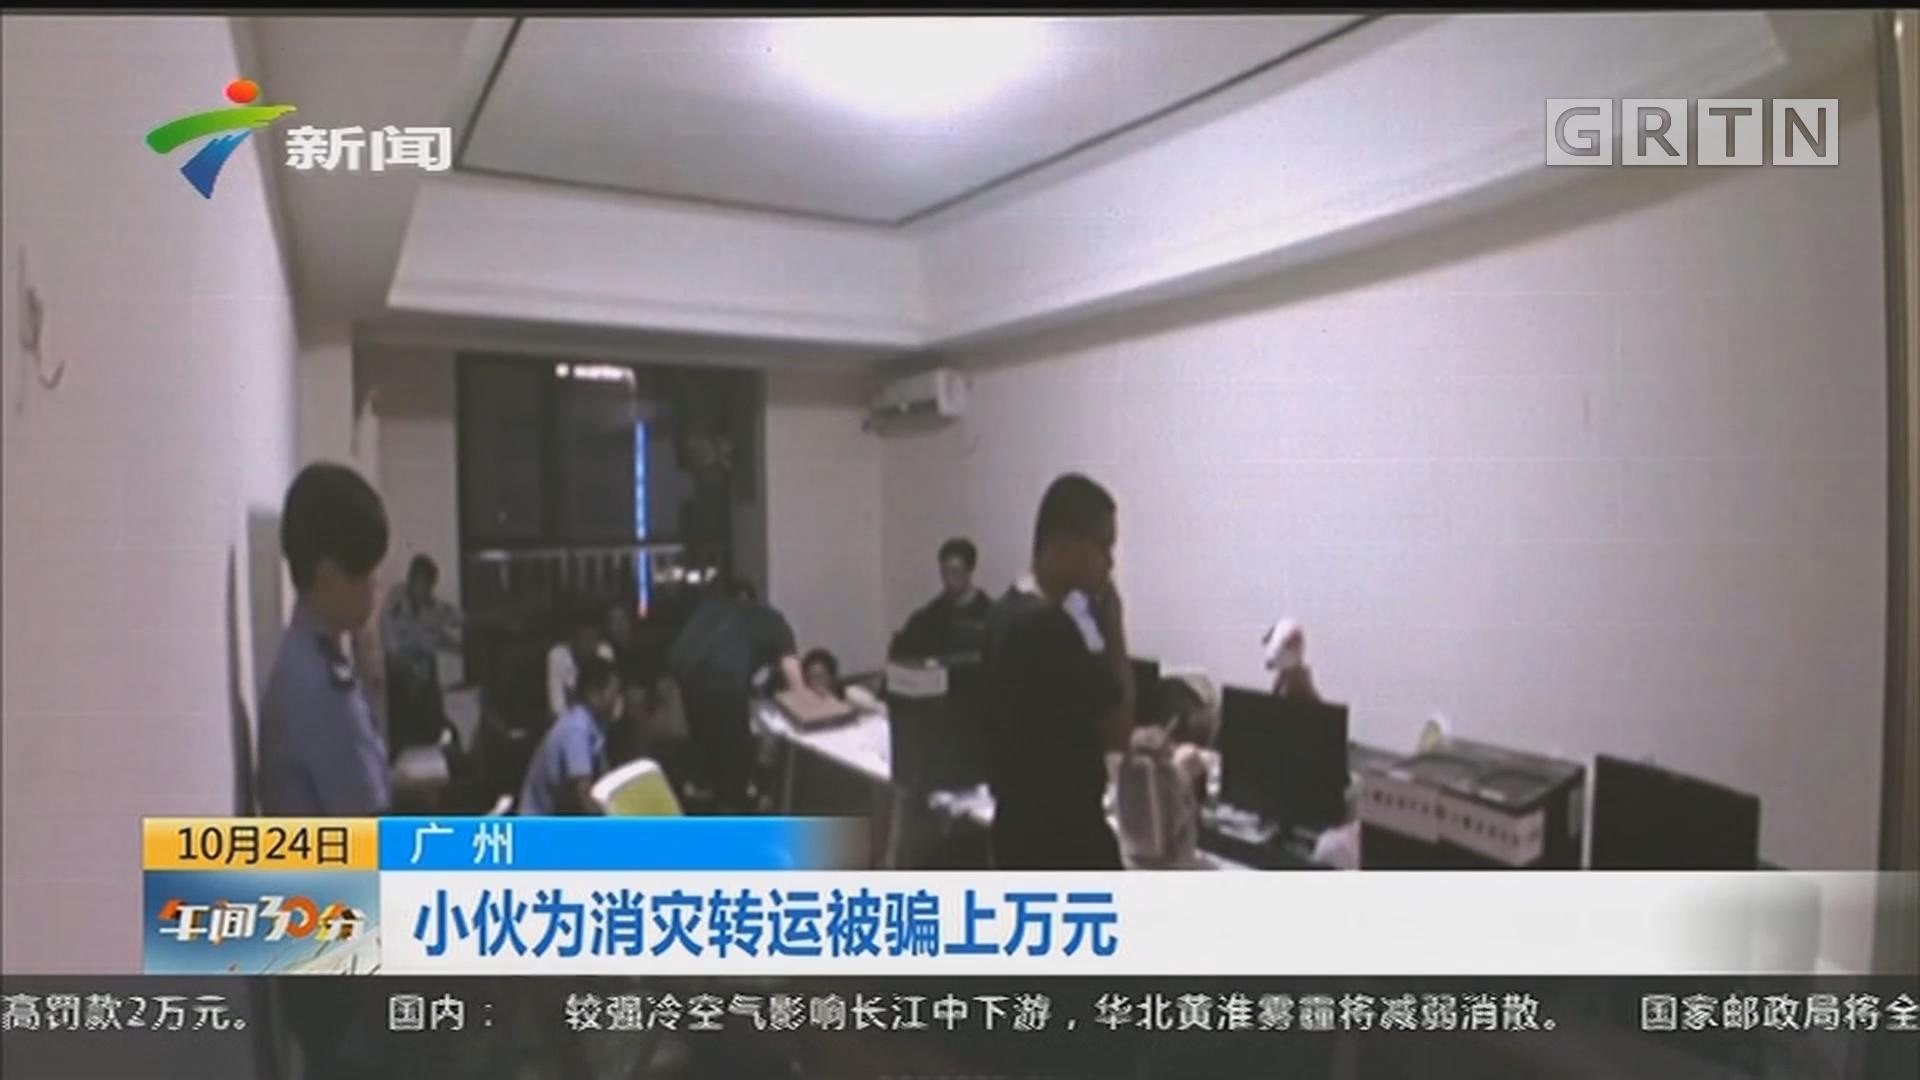 广州:小伙为消灾转运被骗上万元